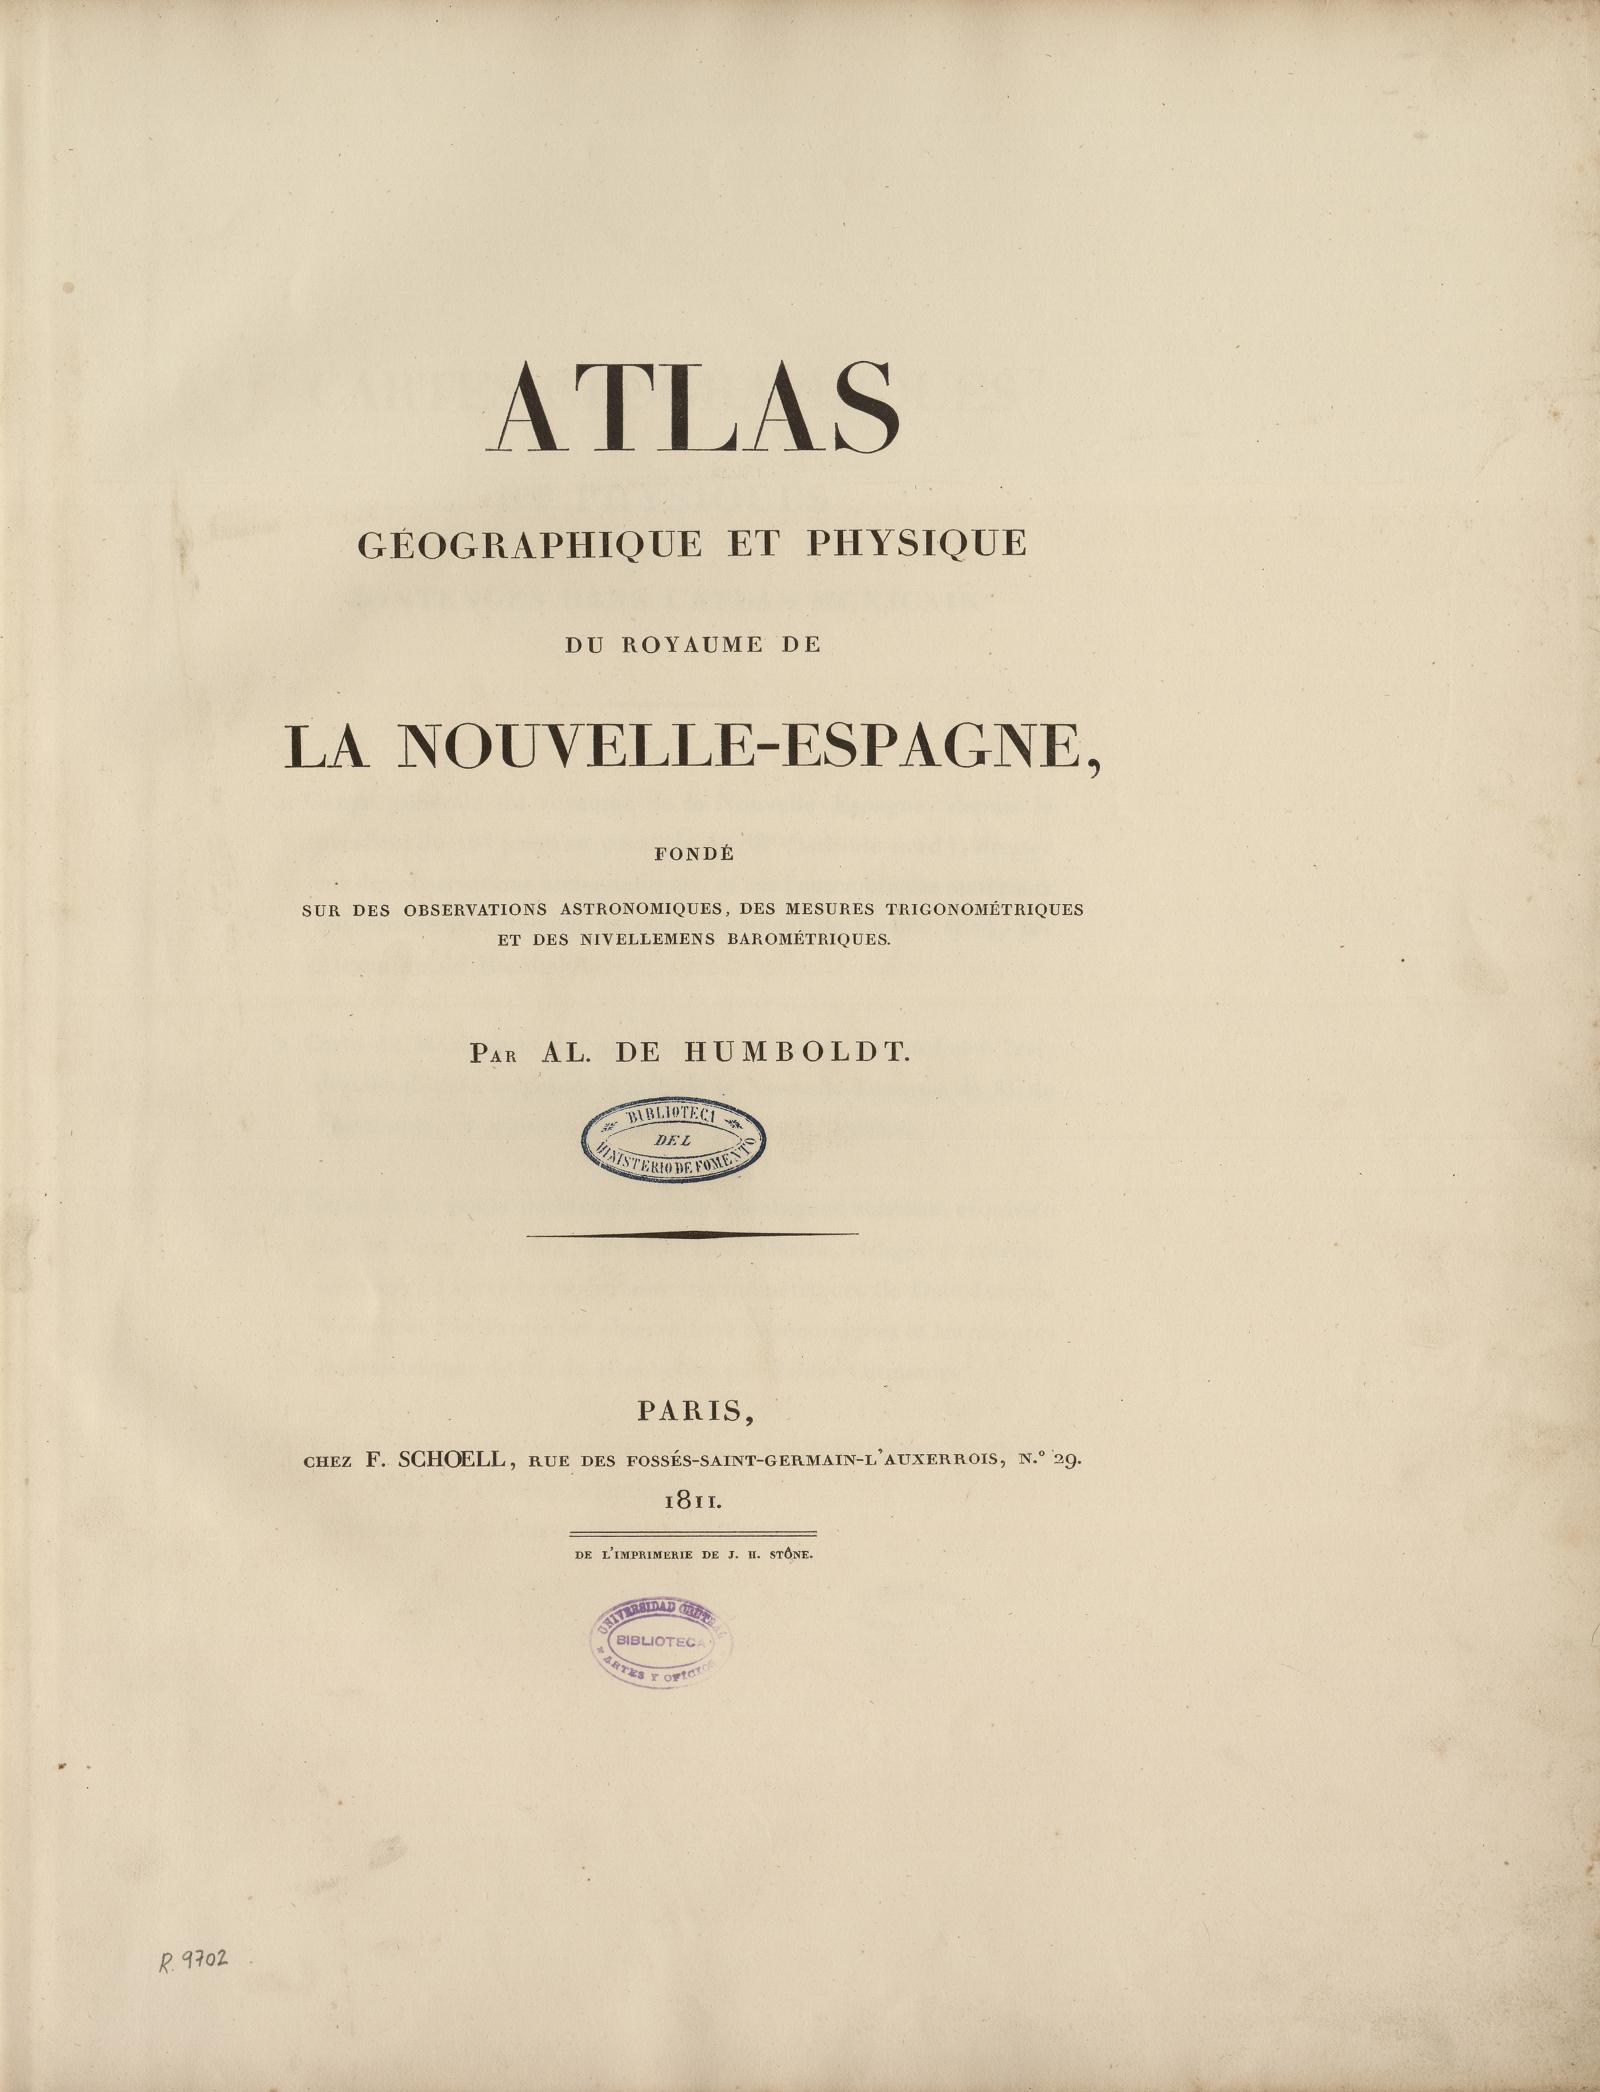 Atlas géographique et physique du royaume de la Nouvelle-Espagne, 1811